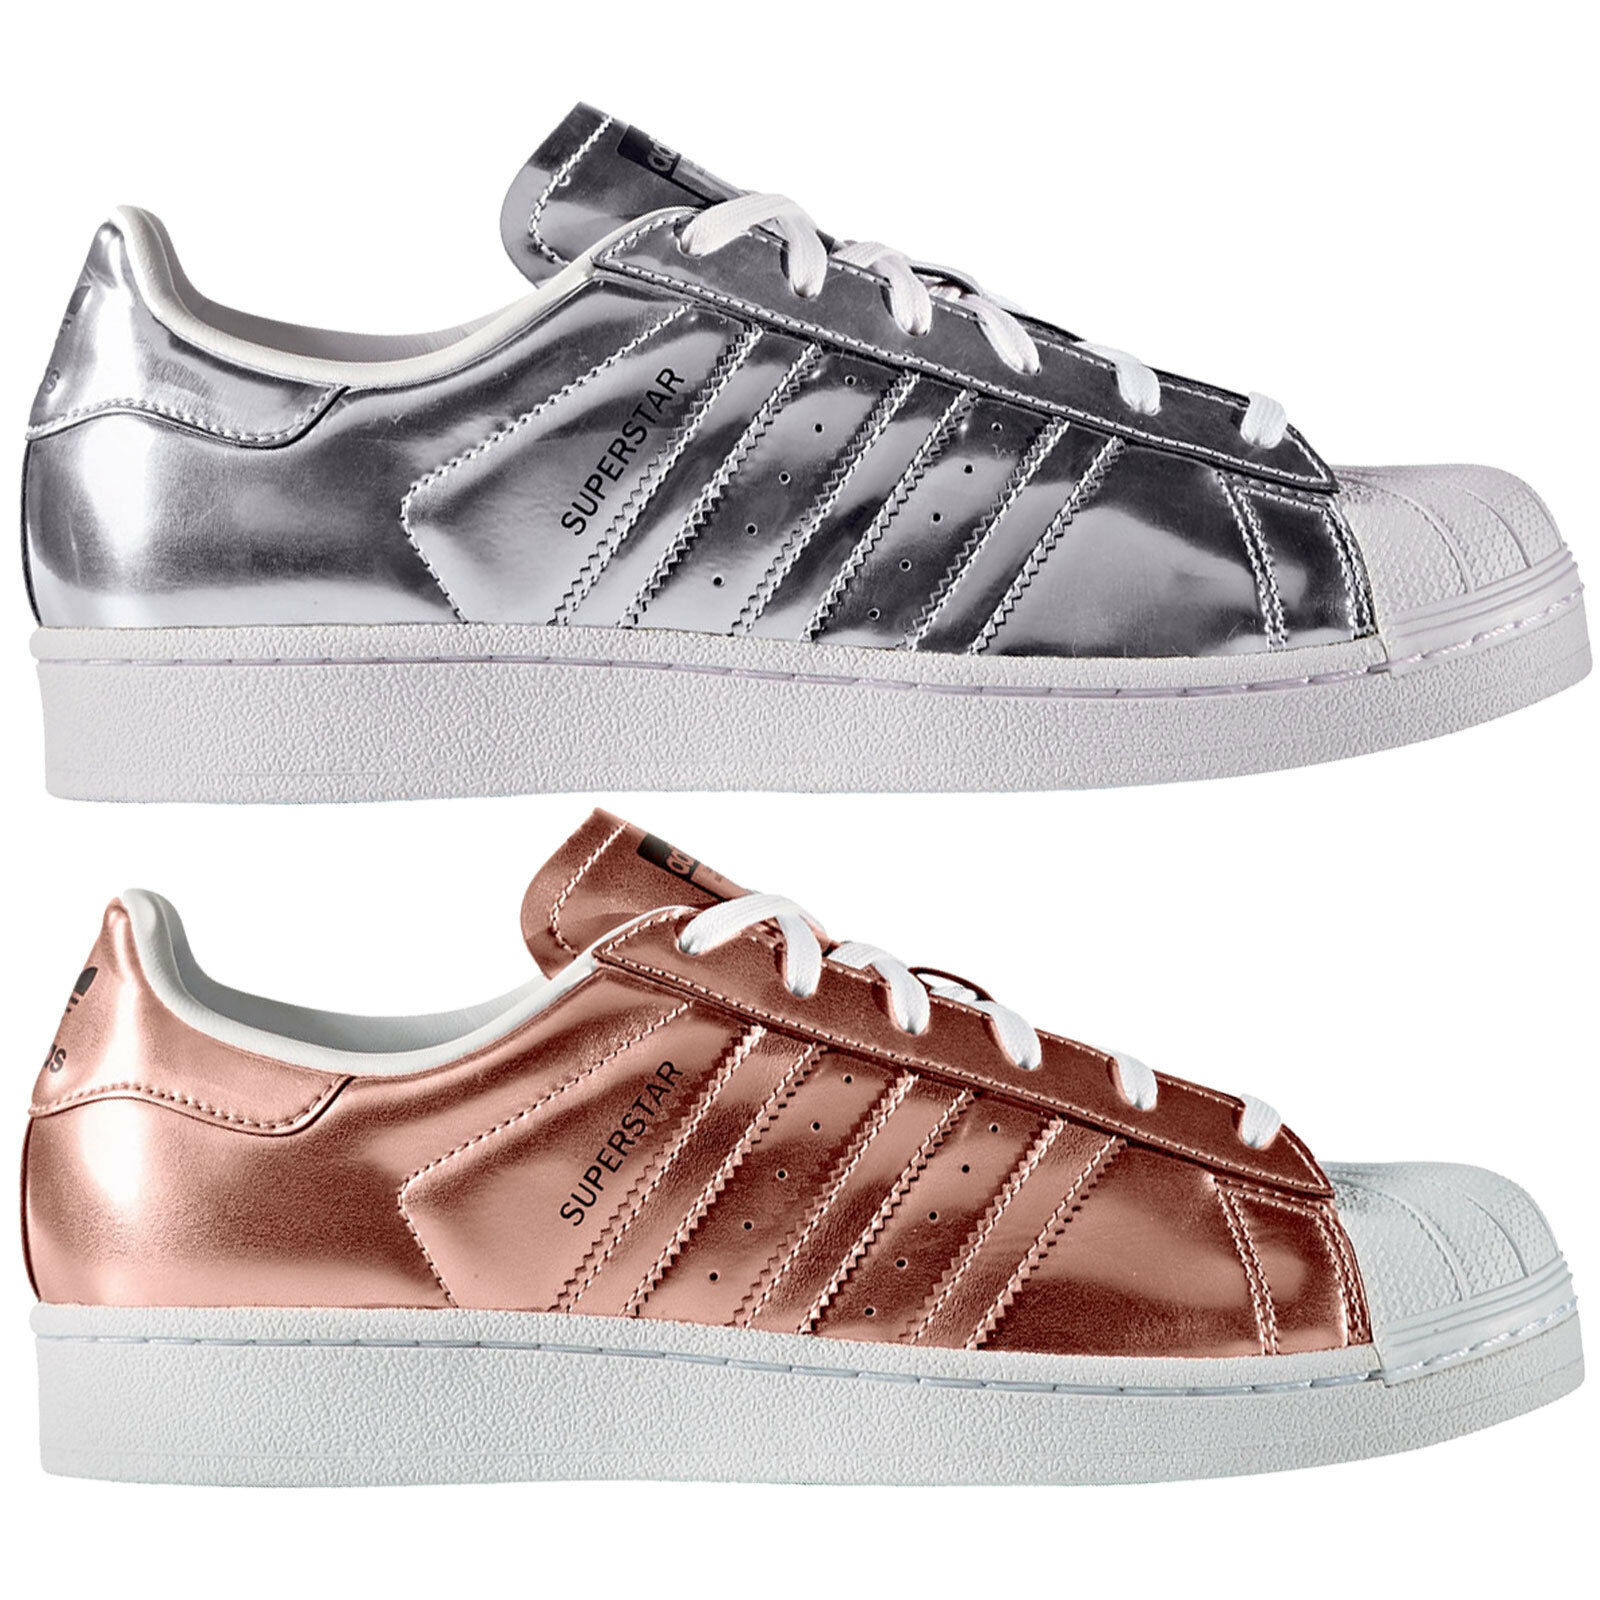 Adidas Originals Superstar W Femmes-baskets Metallic Cuivre Argent Baskets NEUF